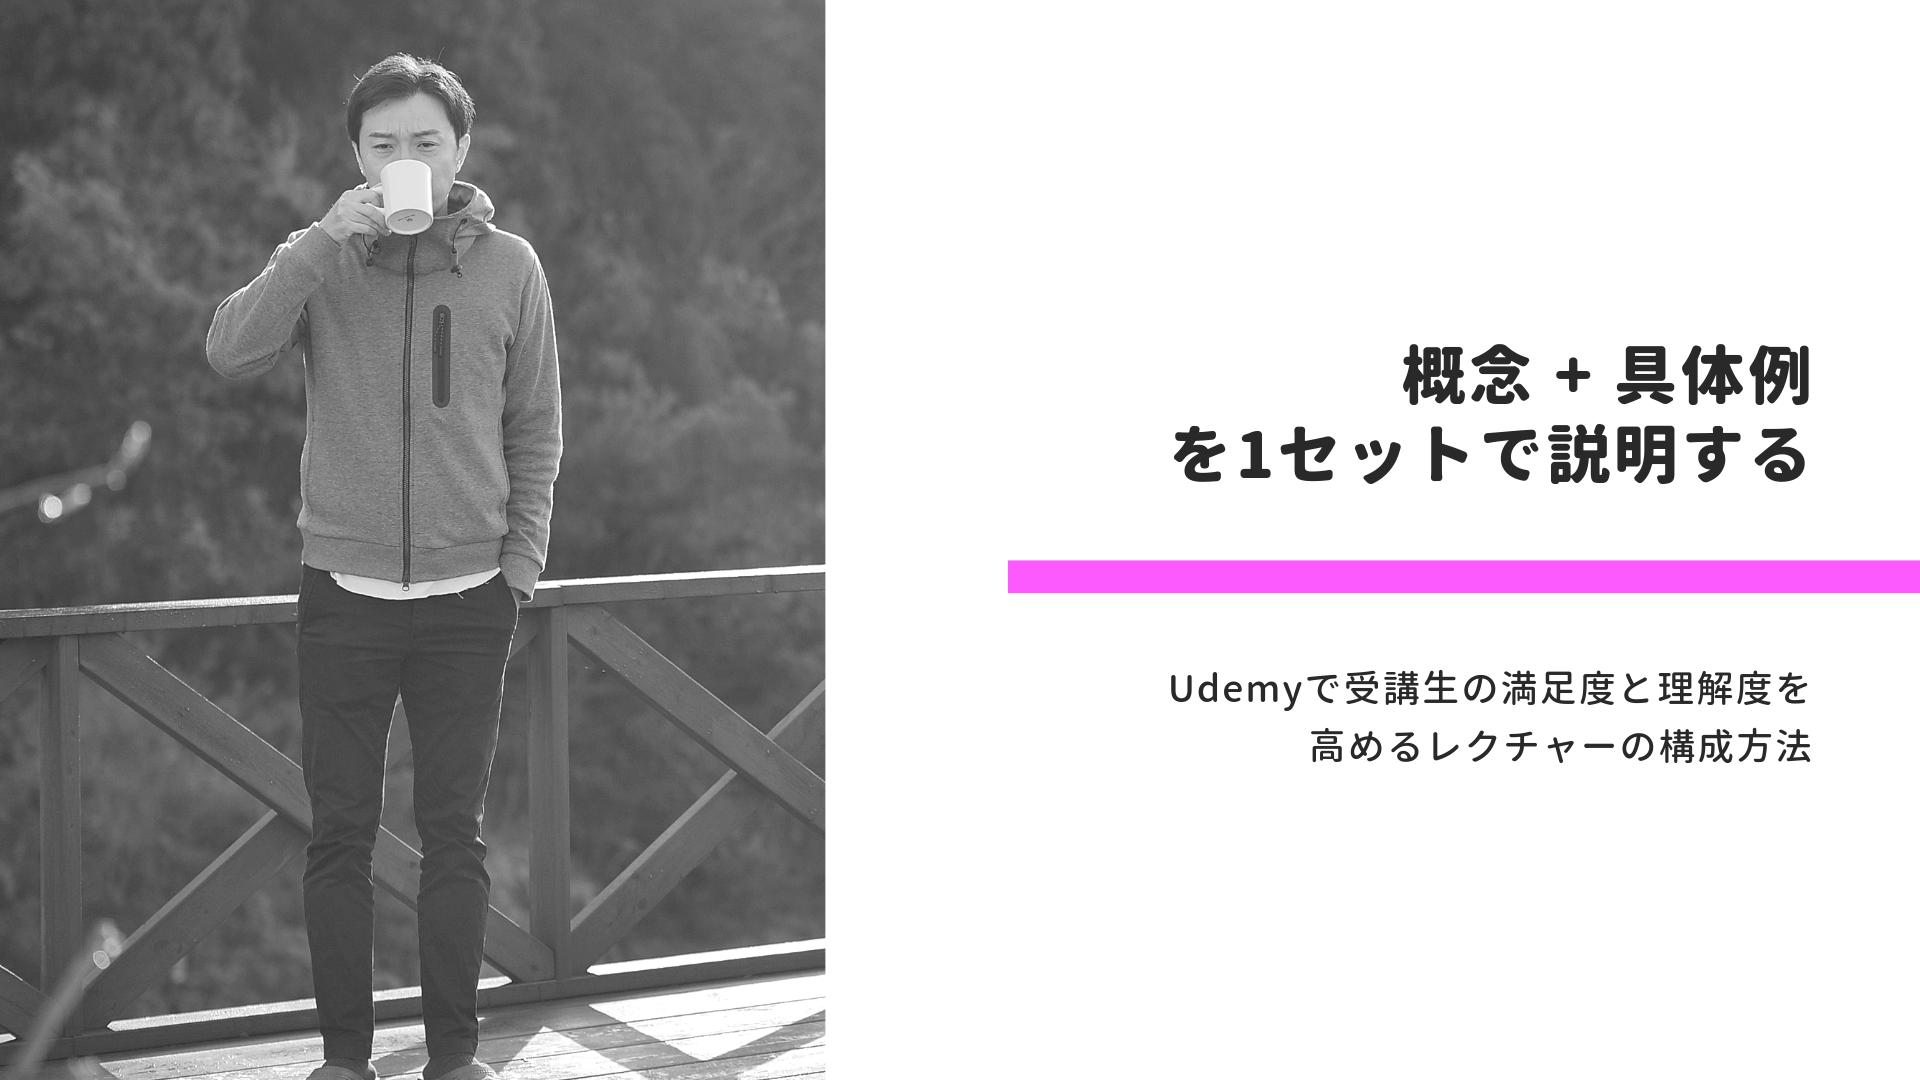 Udemyで受講生の満足度と理解度を高めるレクチャーの構成方法